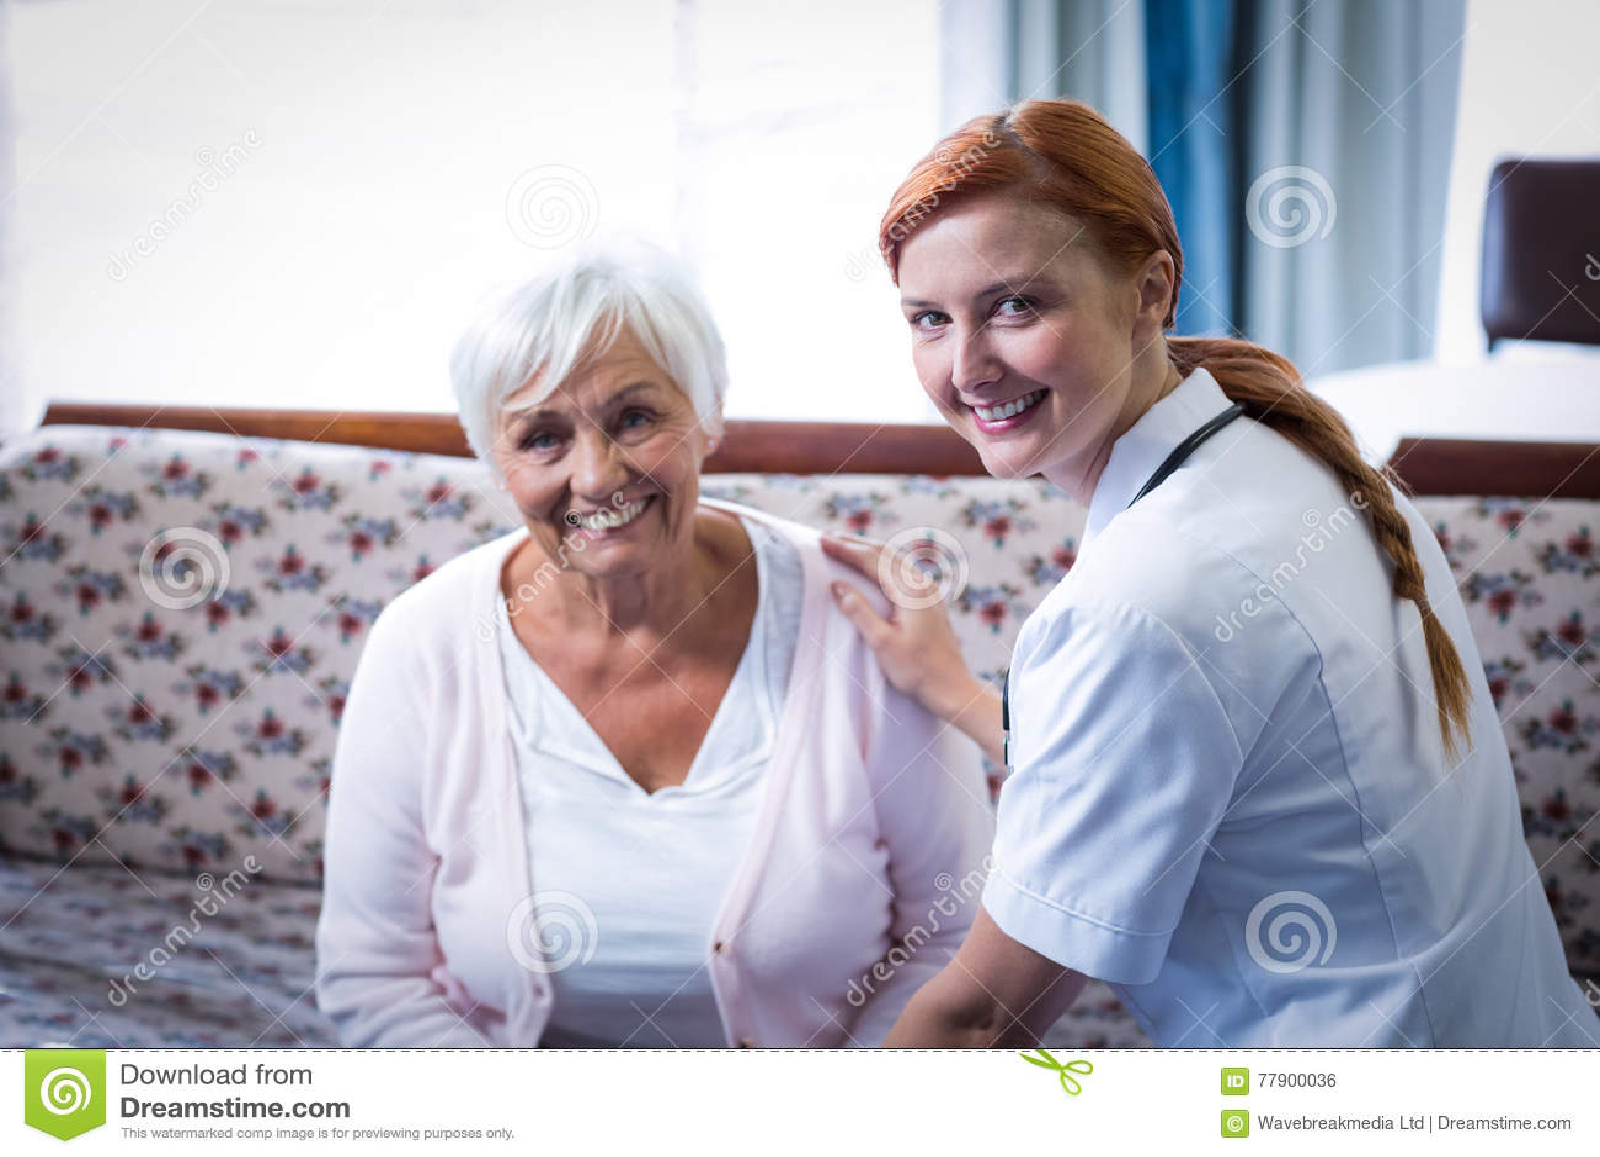 Porträt der lächelnden älteren Frau und der Ärztin im Wohnzimmer